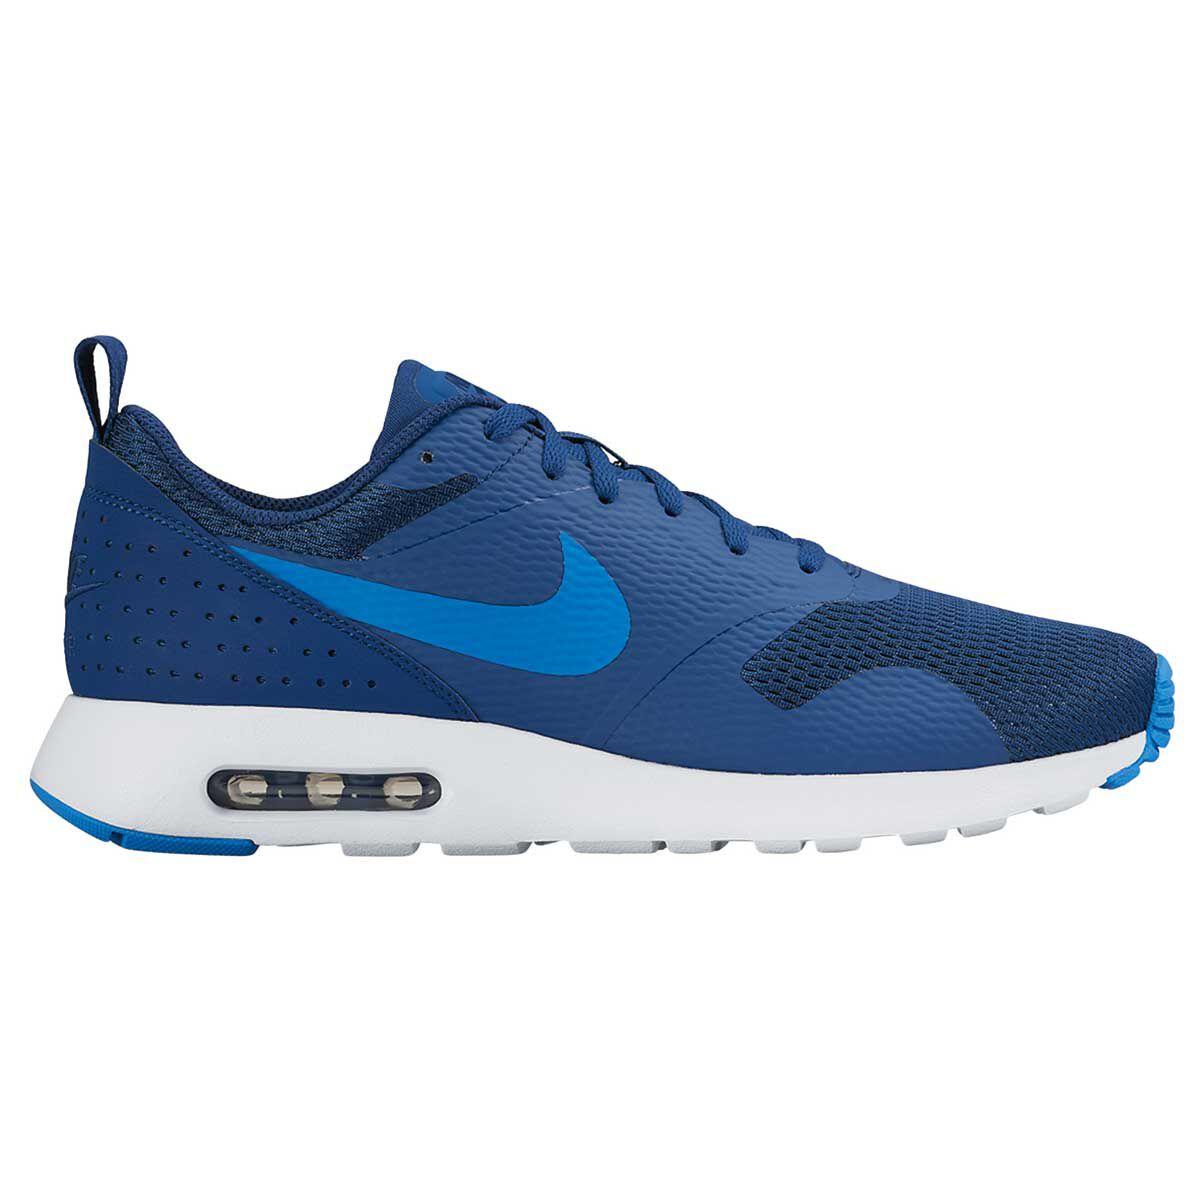 c8fb0a6822c072 order nike air max tavas mens casual shoes blue white us 7 blue white 799ae  41a4f